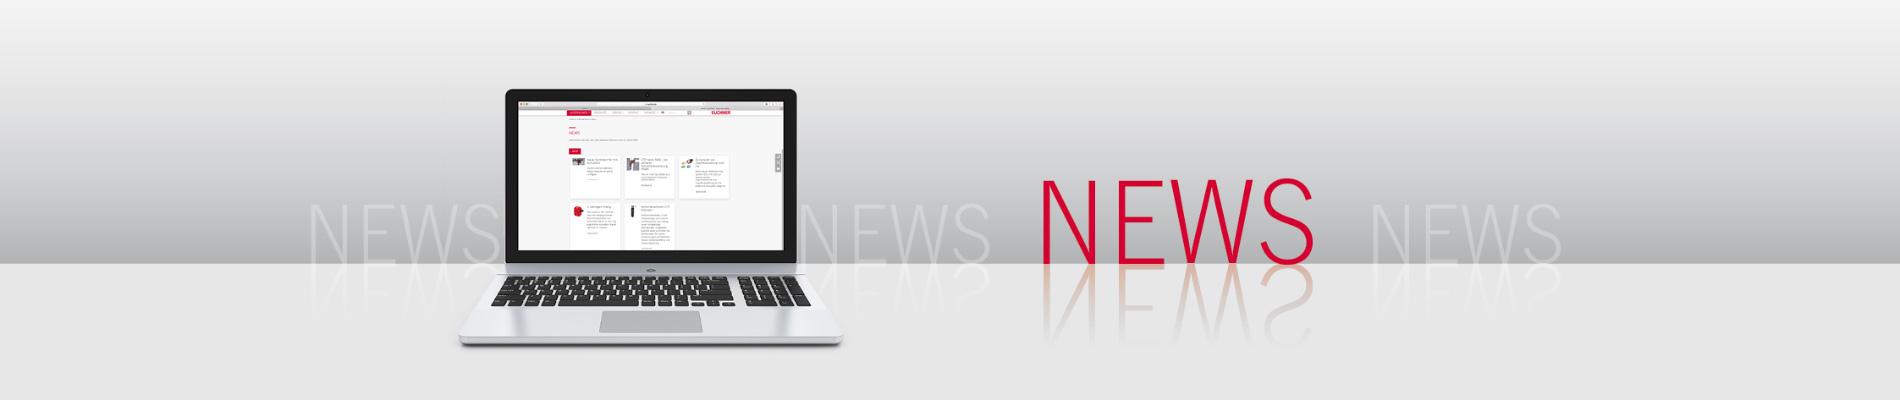 Noticias: información detallada